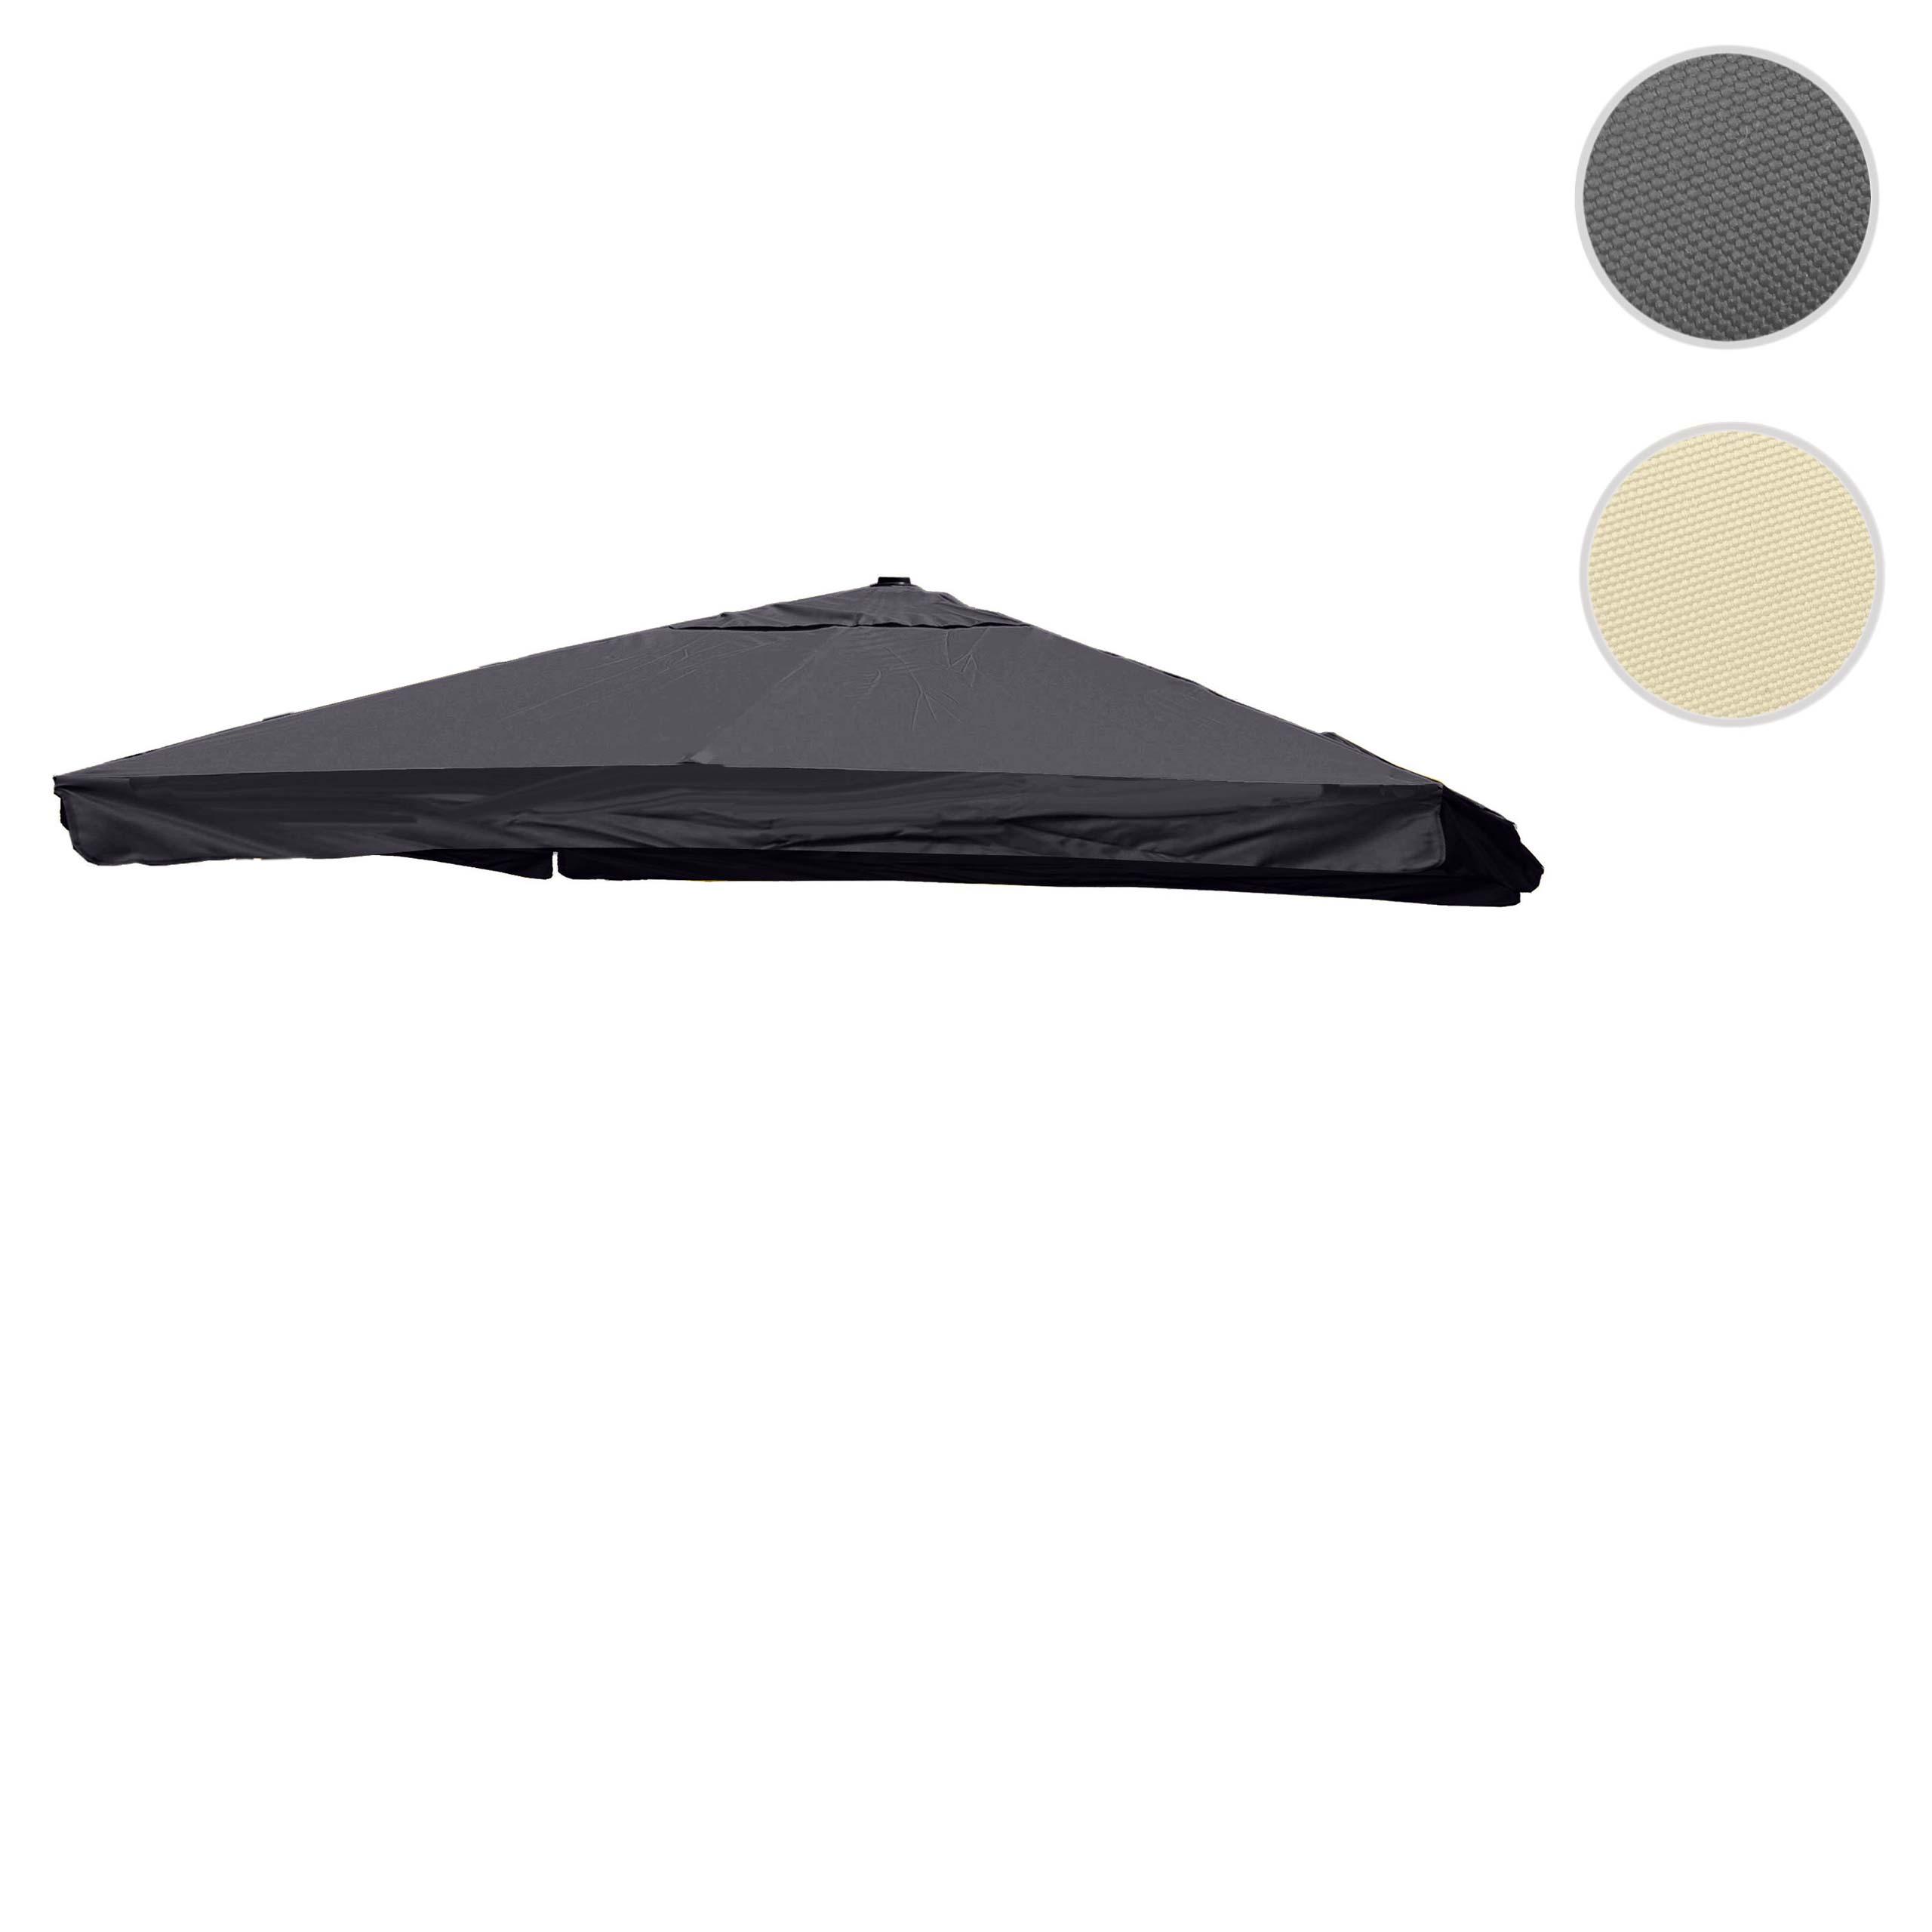 Mendler Bezug für Luxus-Ampelschirm HWC-A96 mit Flap, Sonnenschirmbezug Ersatzbezug, 3,5x3,5m (Ř4,95m) Polye 70129